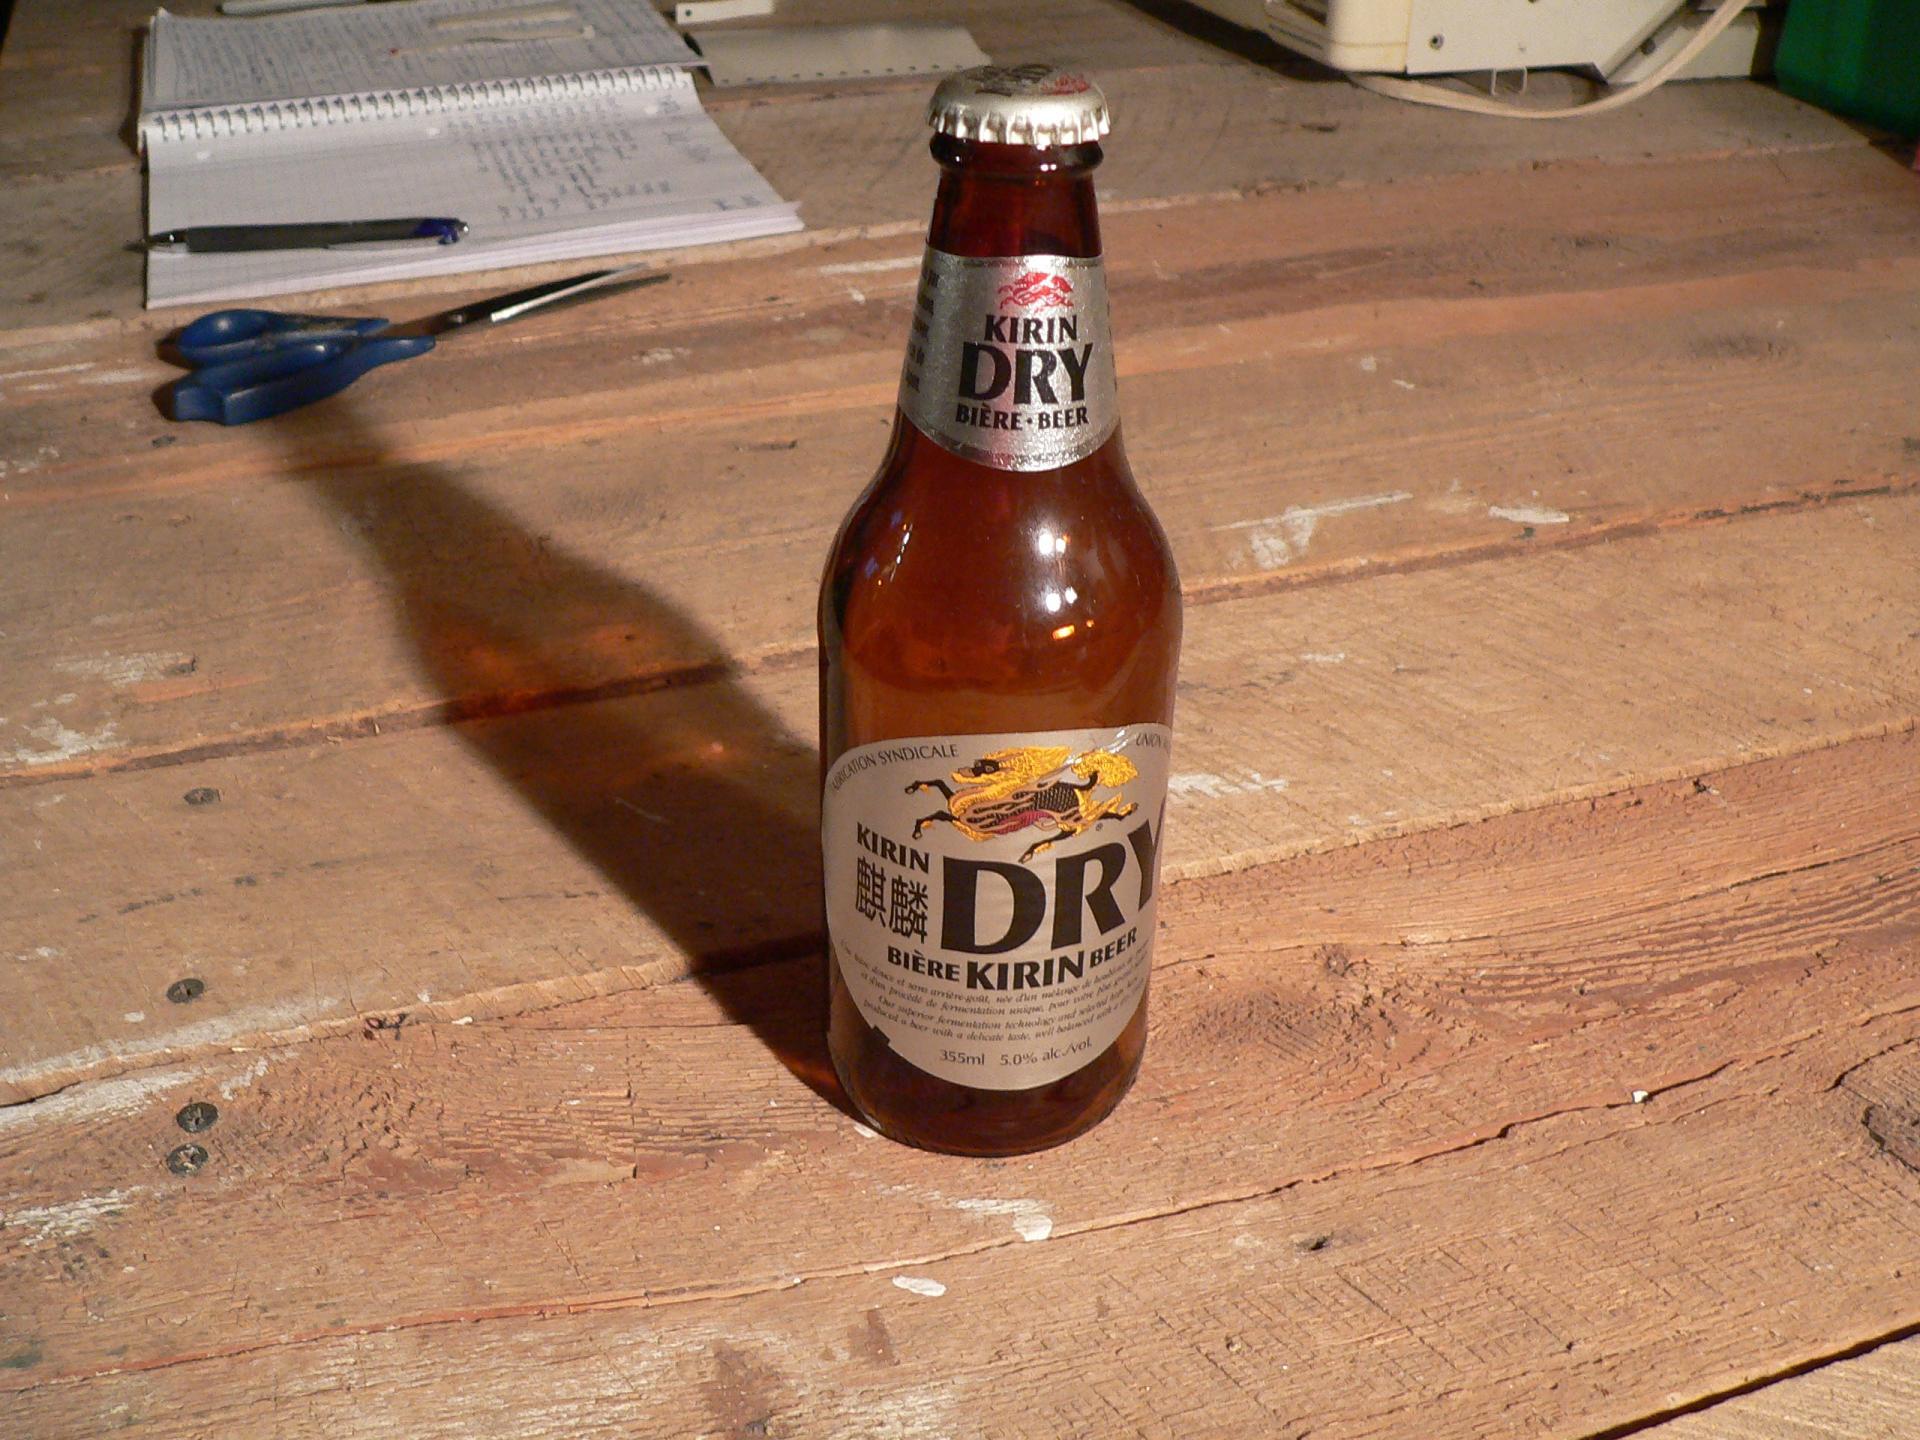 Bière kirin dry # 4739.21